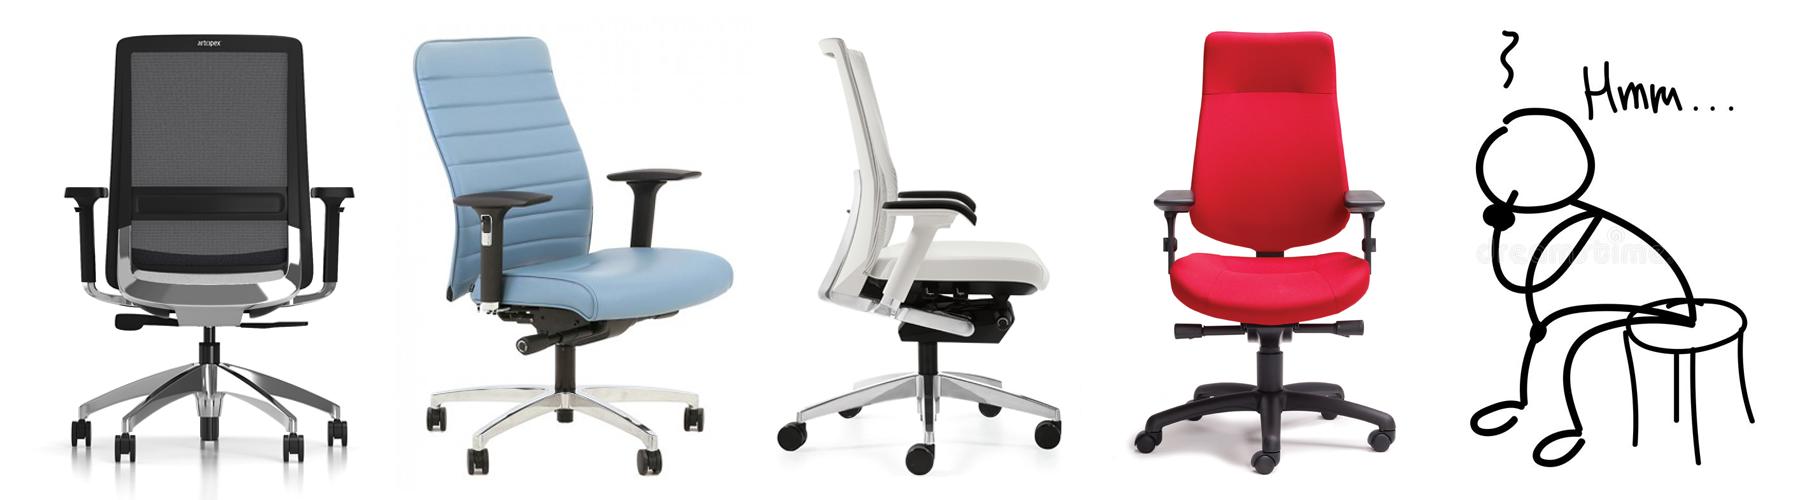 Comment choisir un fauteuil ergonomique?